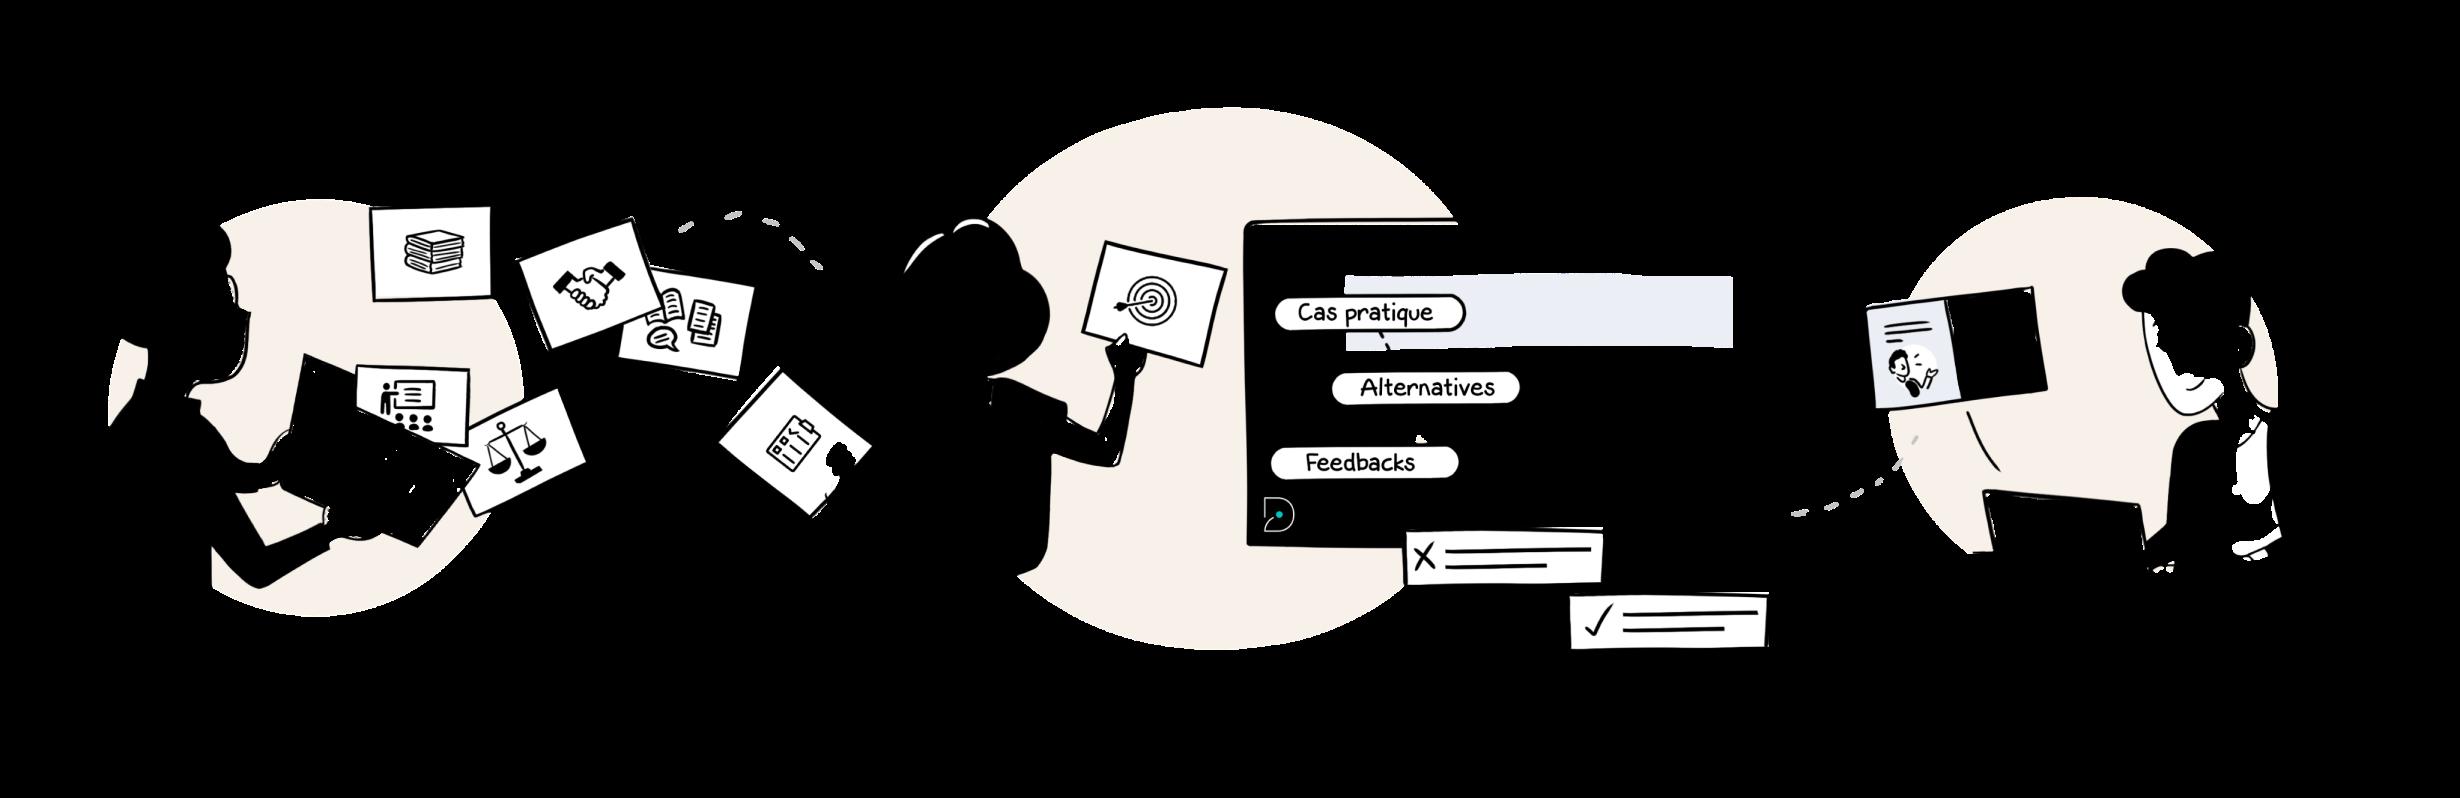 Didask : un outil de création simple et rapide pour les cours e-learning Digital Learning